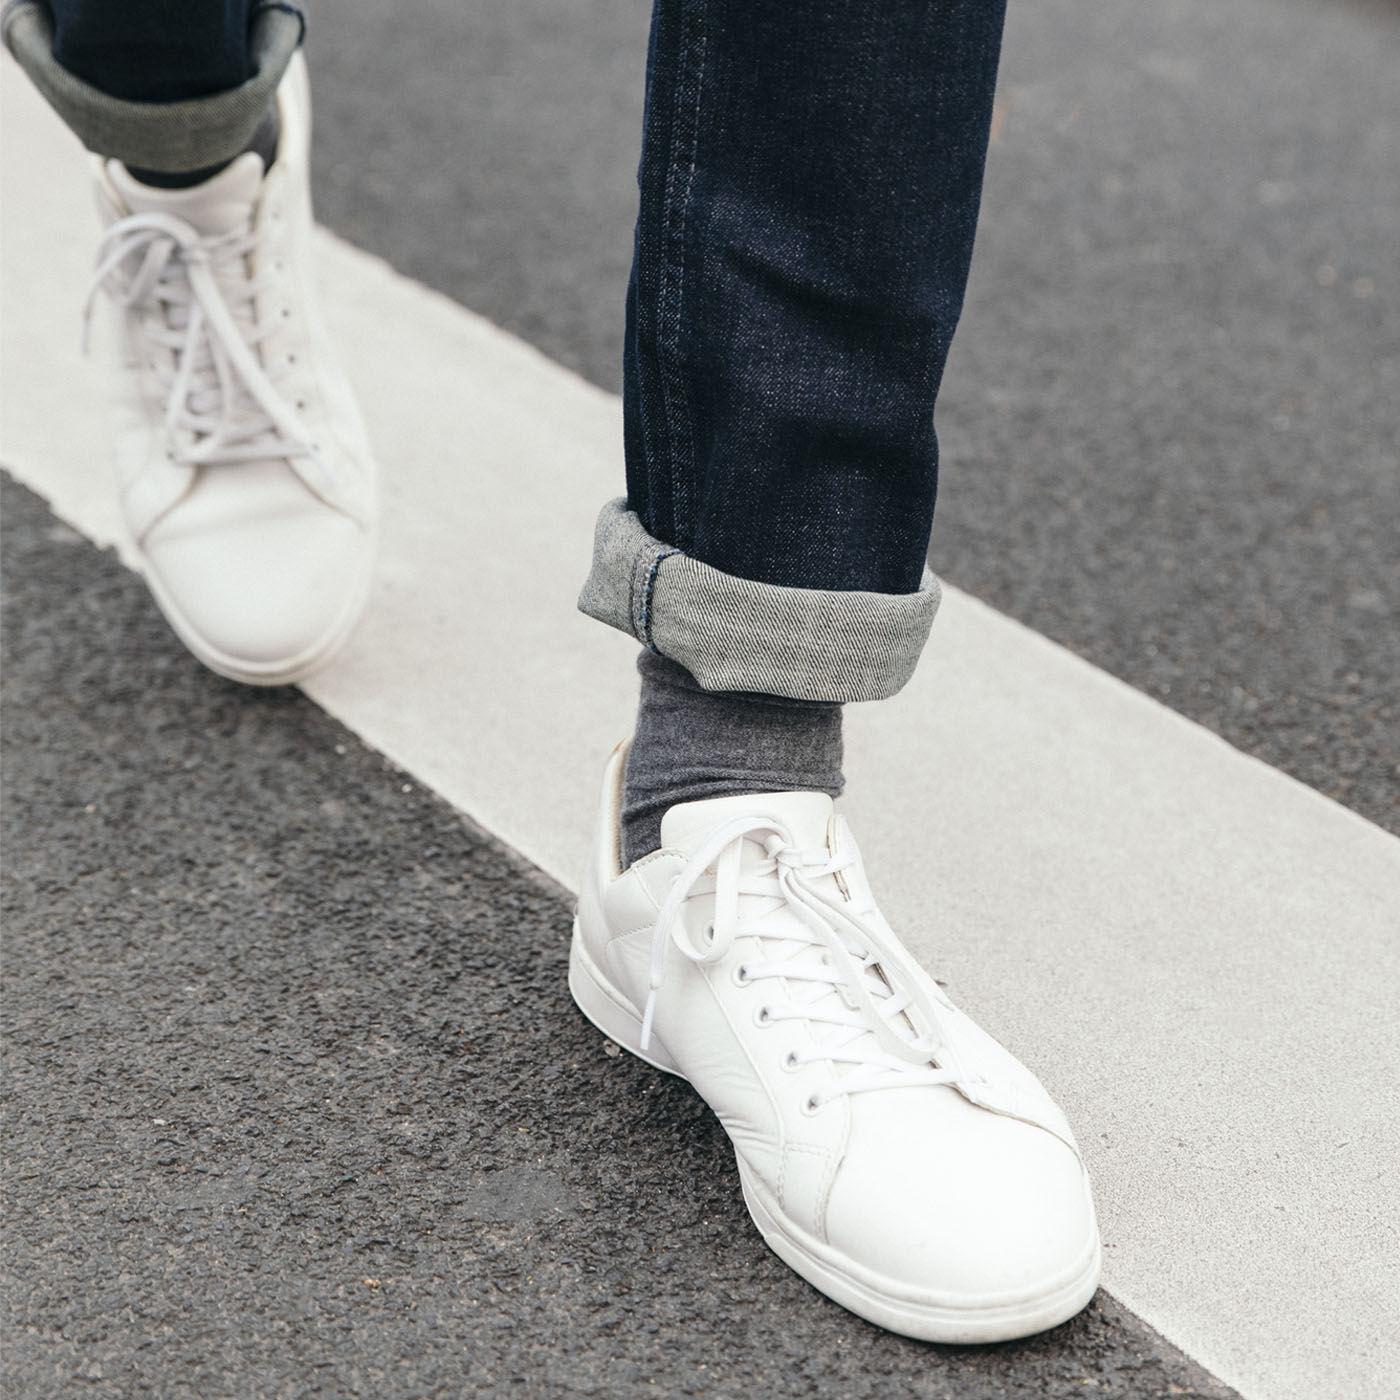 HommeAigle HommeCuir Chaussures Chaussures Chaussures HommeCuir HommeAigle HommeCuir HommeCuir HommeAigle HommeAigle Chaussures HommeCuir Chaussures HommeAigle thQsdr